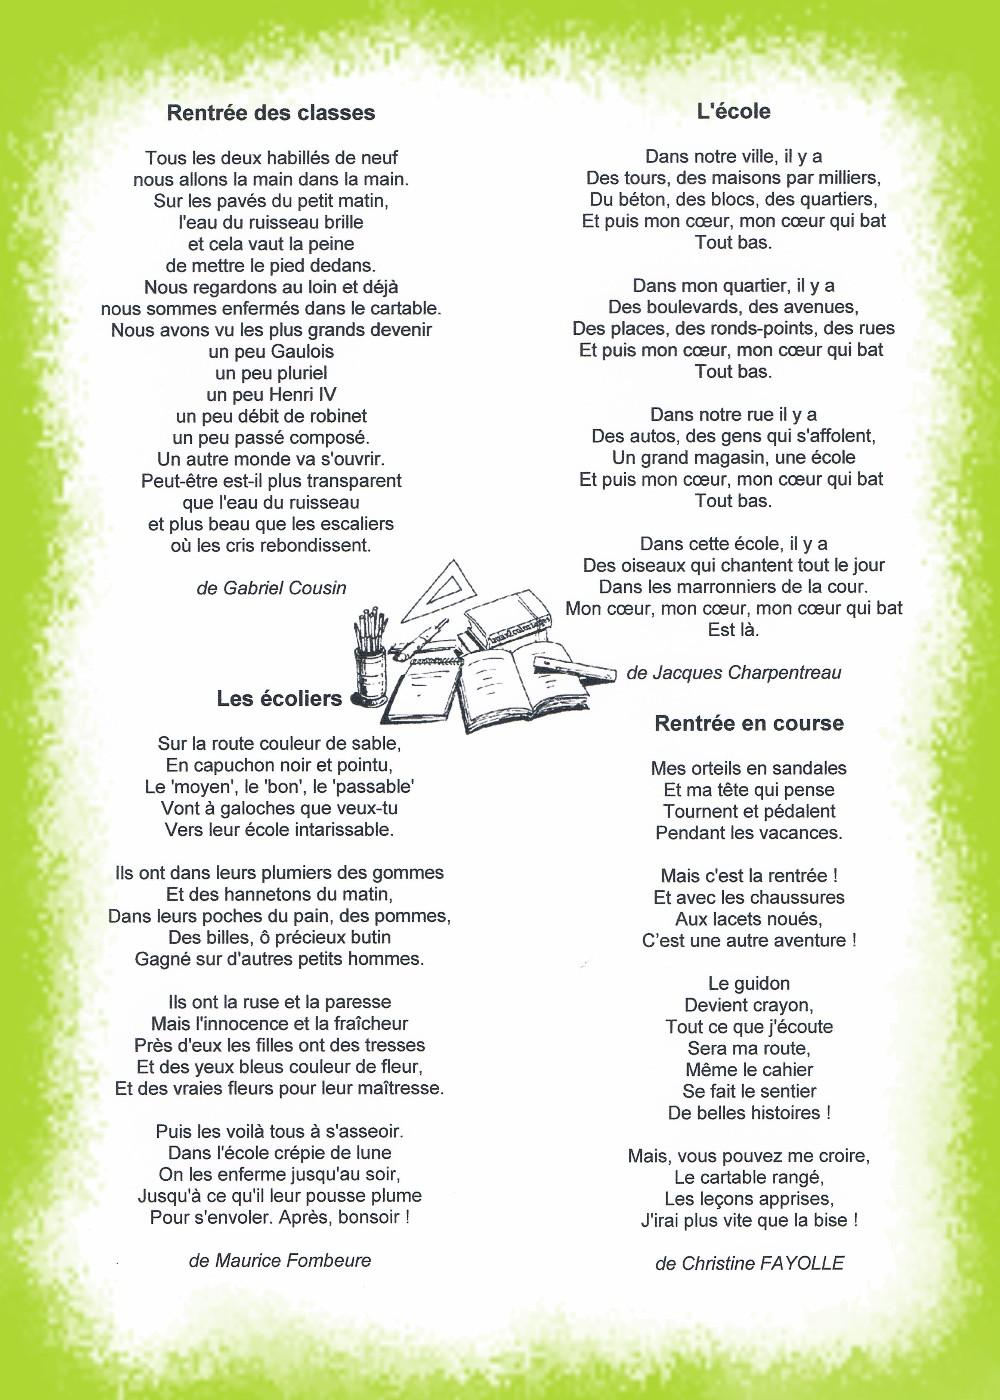 Hervorragend Premières poésies de l'année - Blog des CM2 B de l'année 2013-2014 XN85